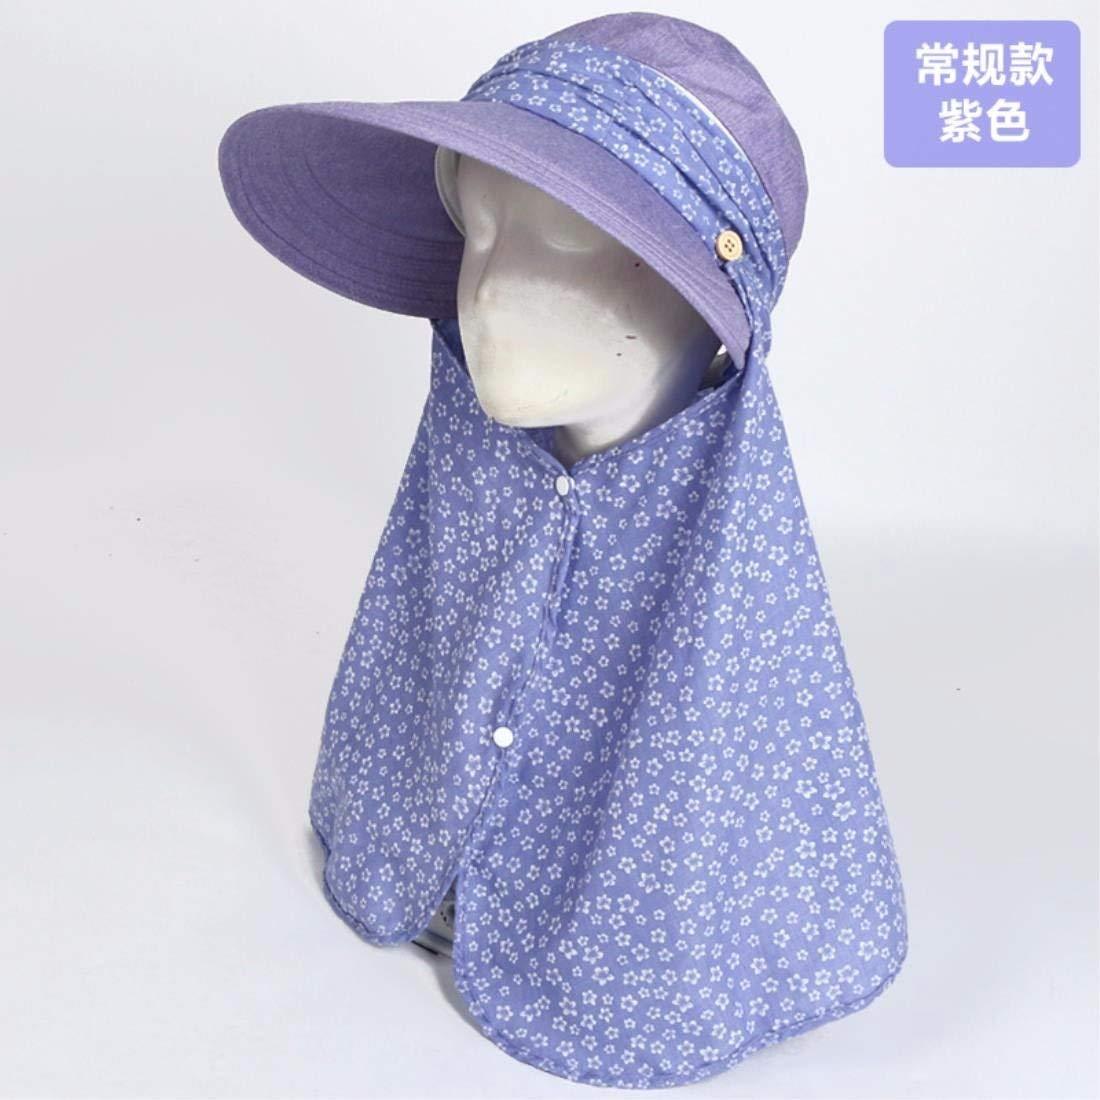 Beach Hat Women's Hats Summer Outdoor AntiUv Bike Cap Visor Face Cap Purple Summer Sun Hat